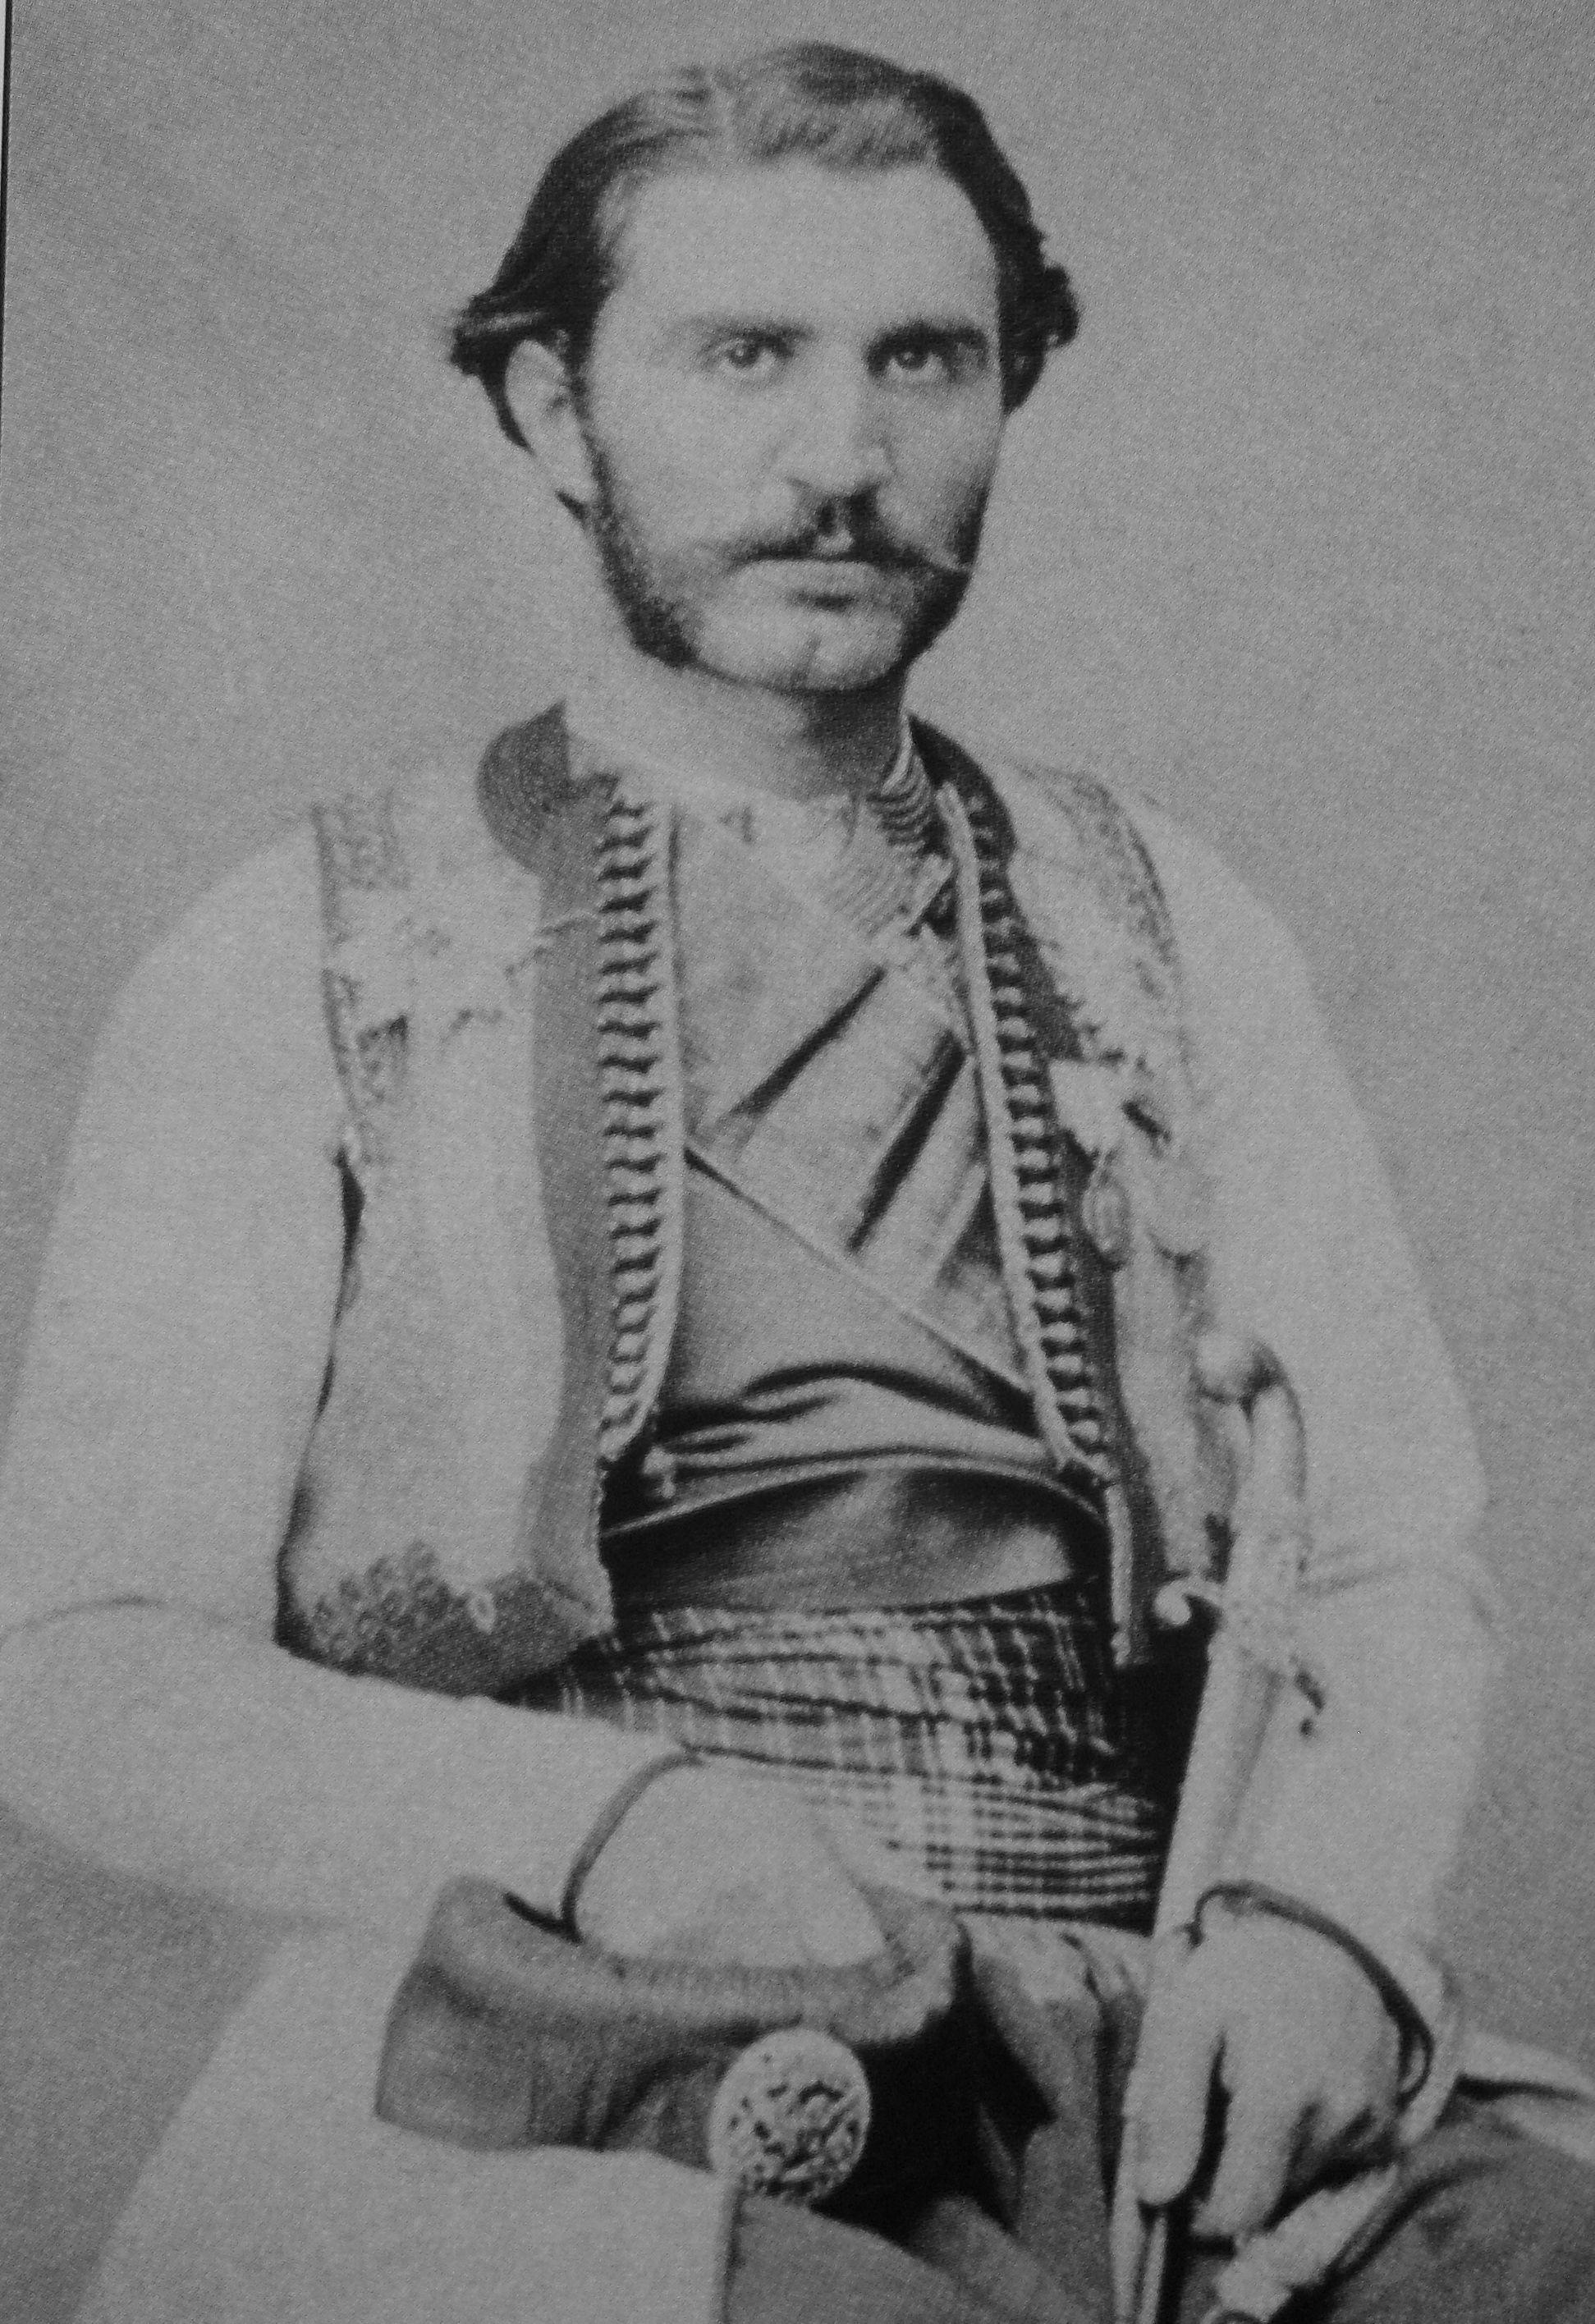 Nicholas I of Montenegro file usage